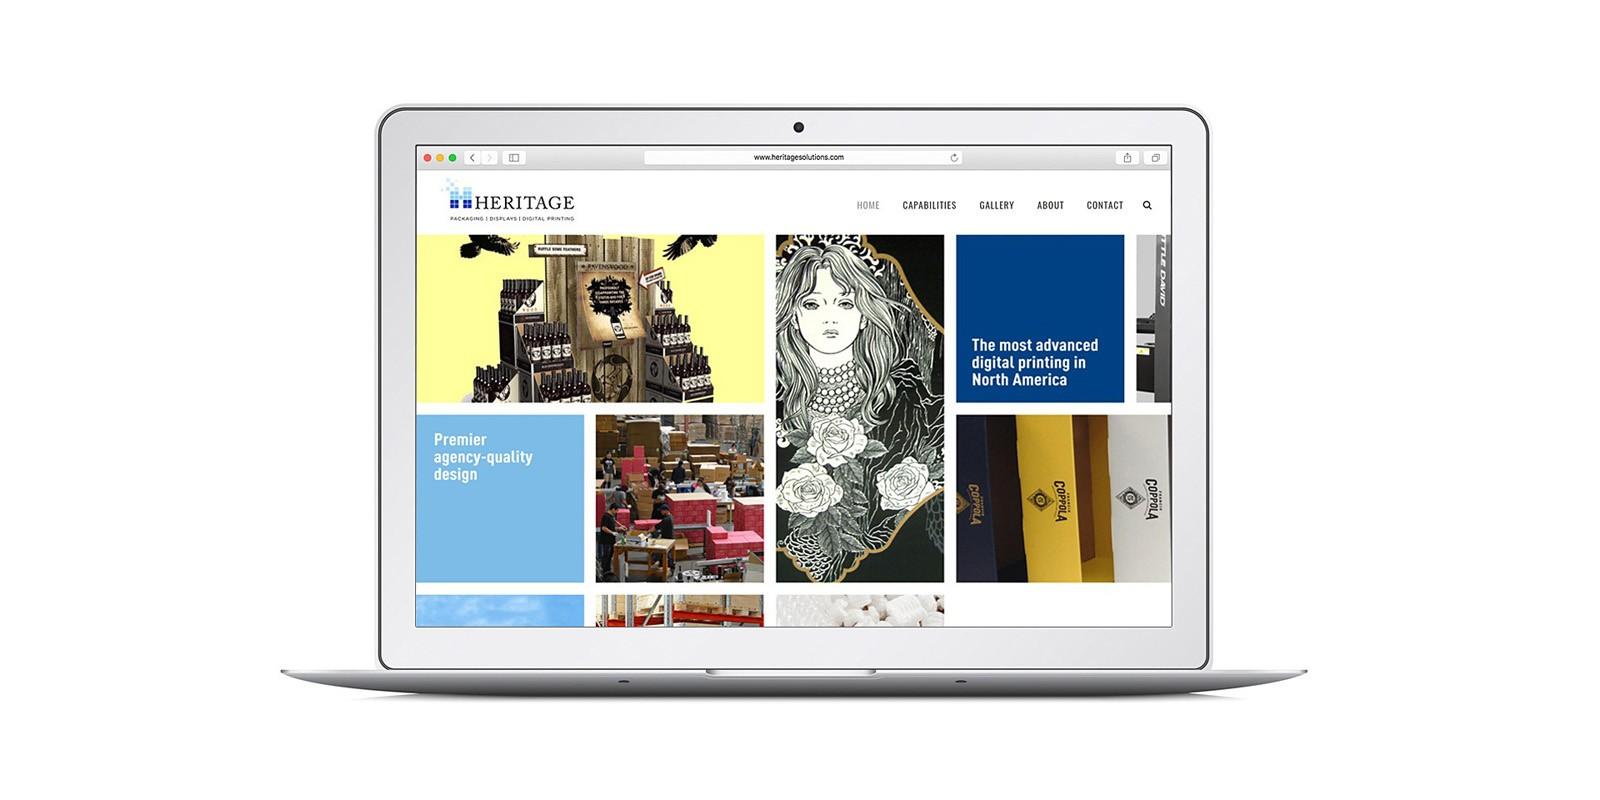 HERITAGE PAPER WEBSITE